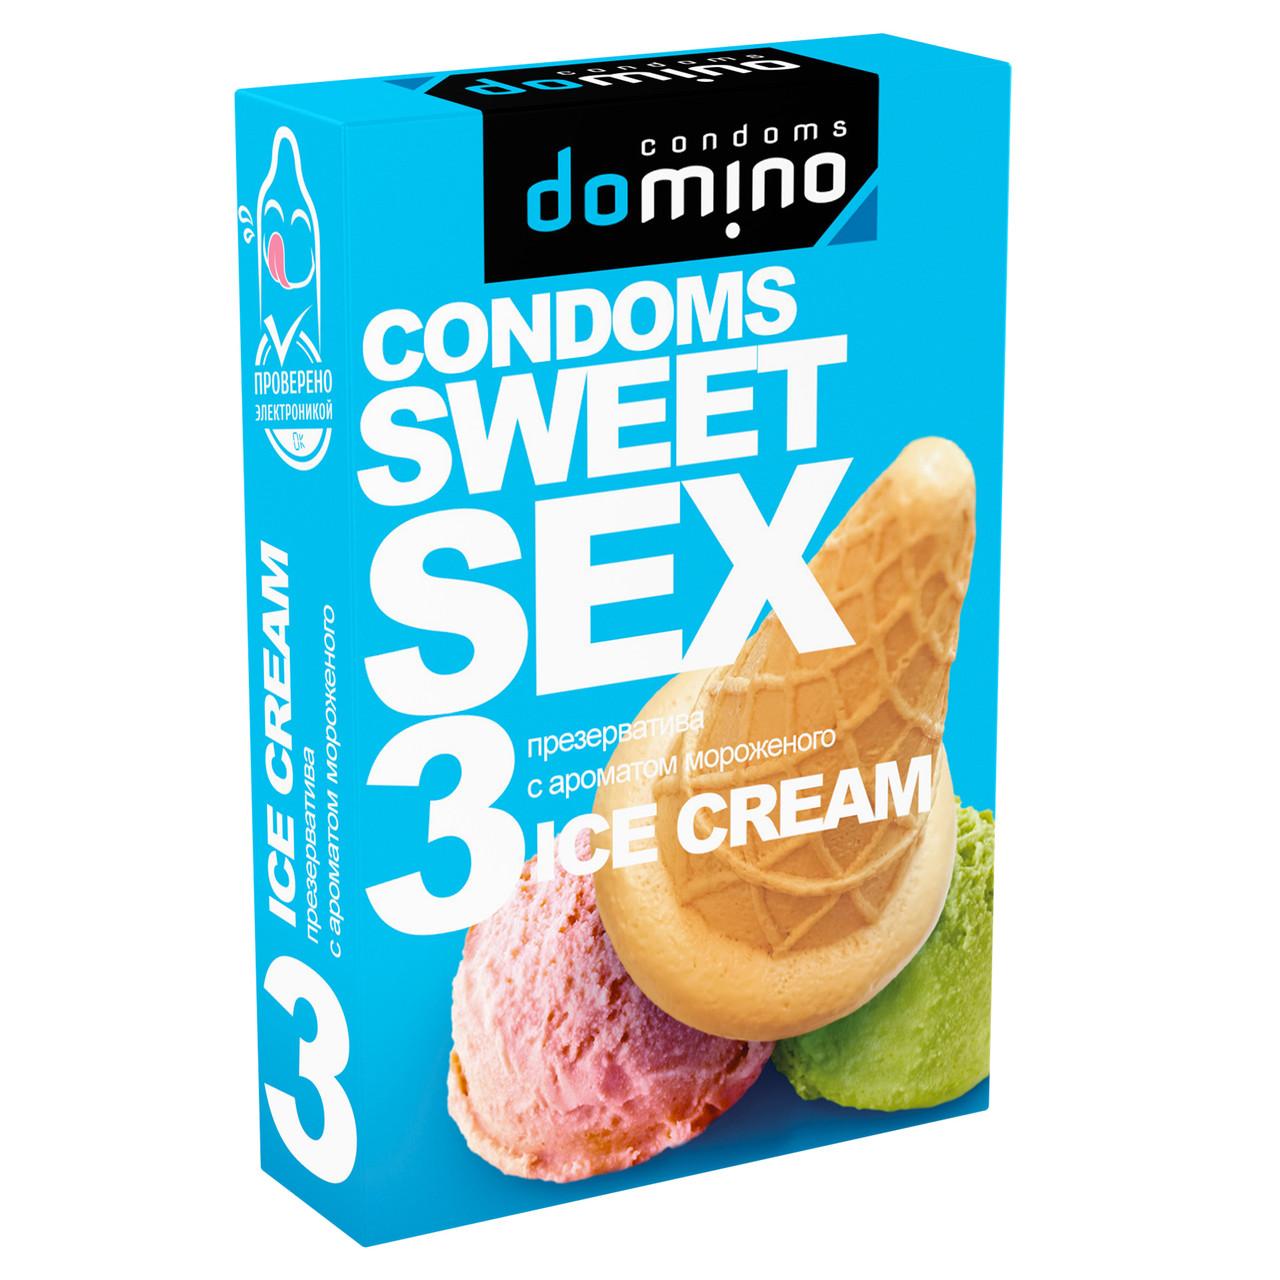 Презервативы для орального секса Luxe Sweetsex мороженое №3